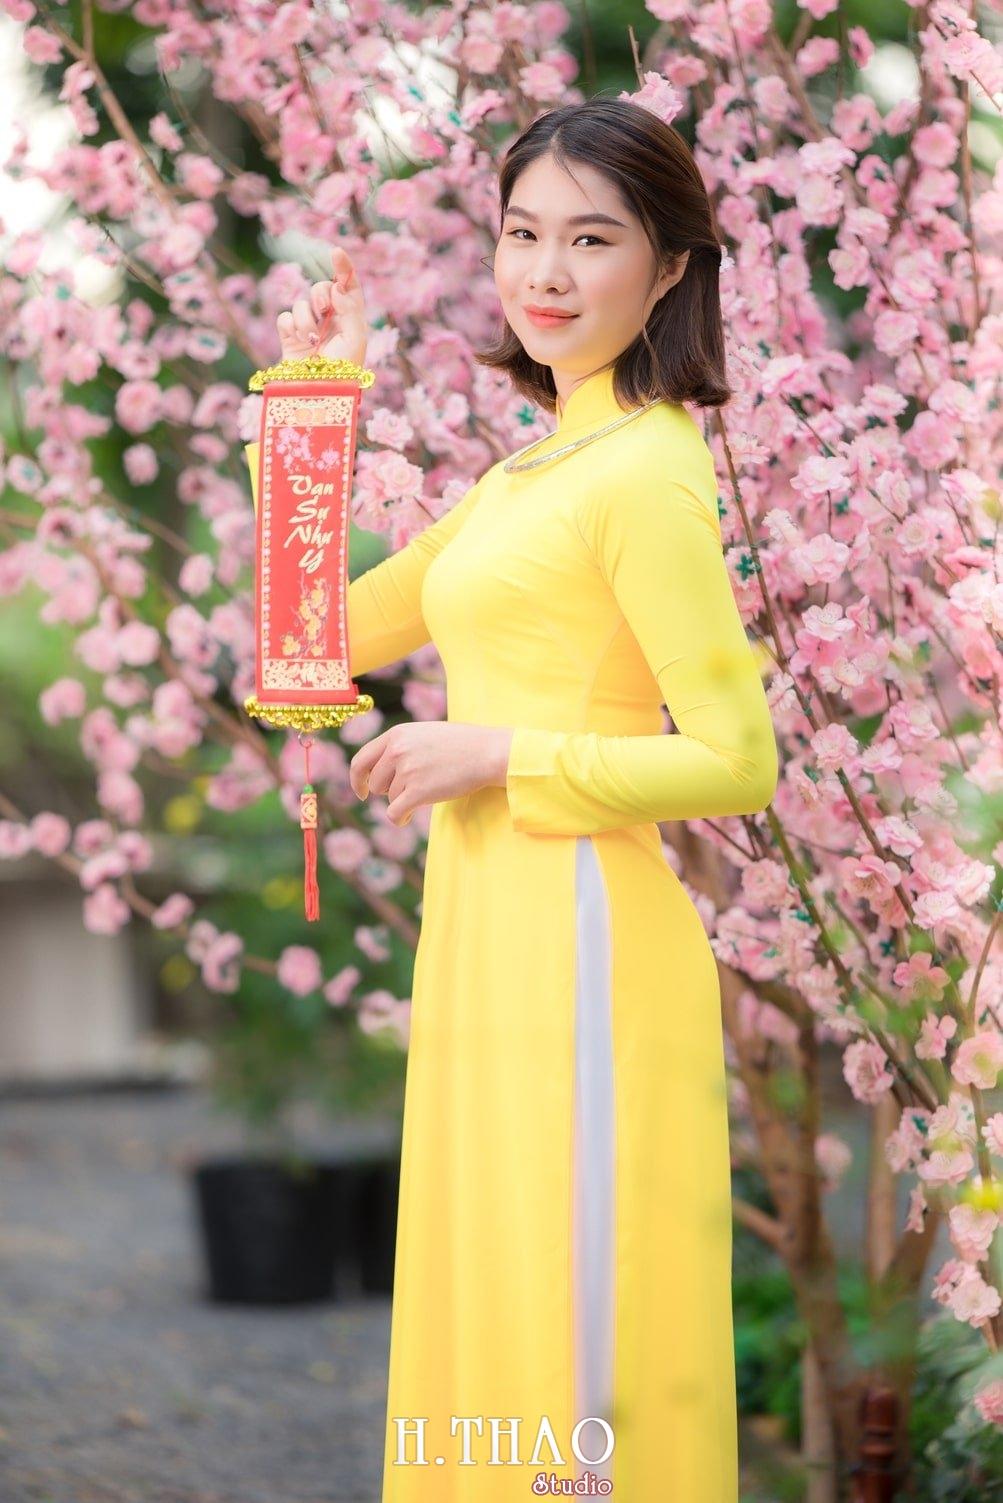 Ao dai tet 9 - Top 40 ảnh áo dài chụp với Hoa đào, hoa mai tết tuyệt đẹp- HThao Studio